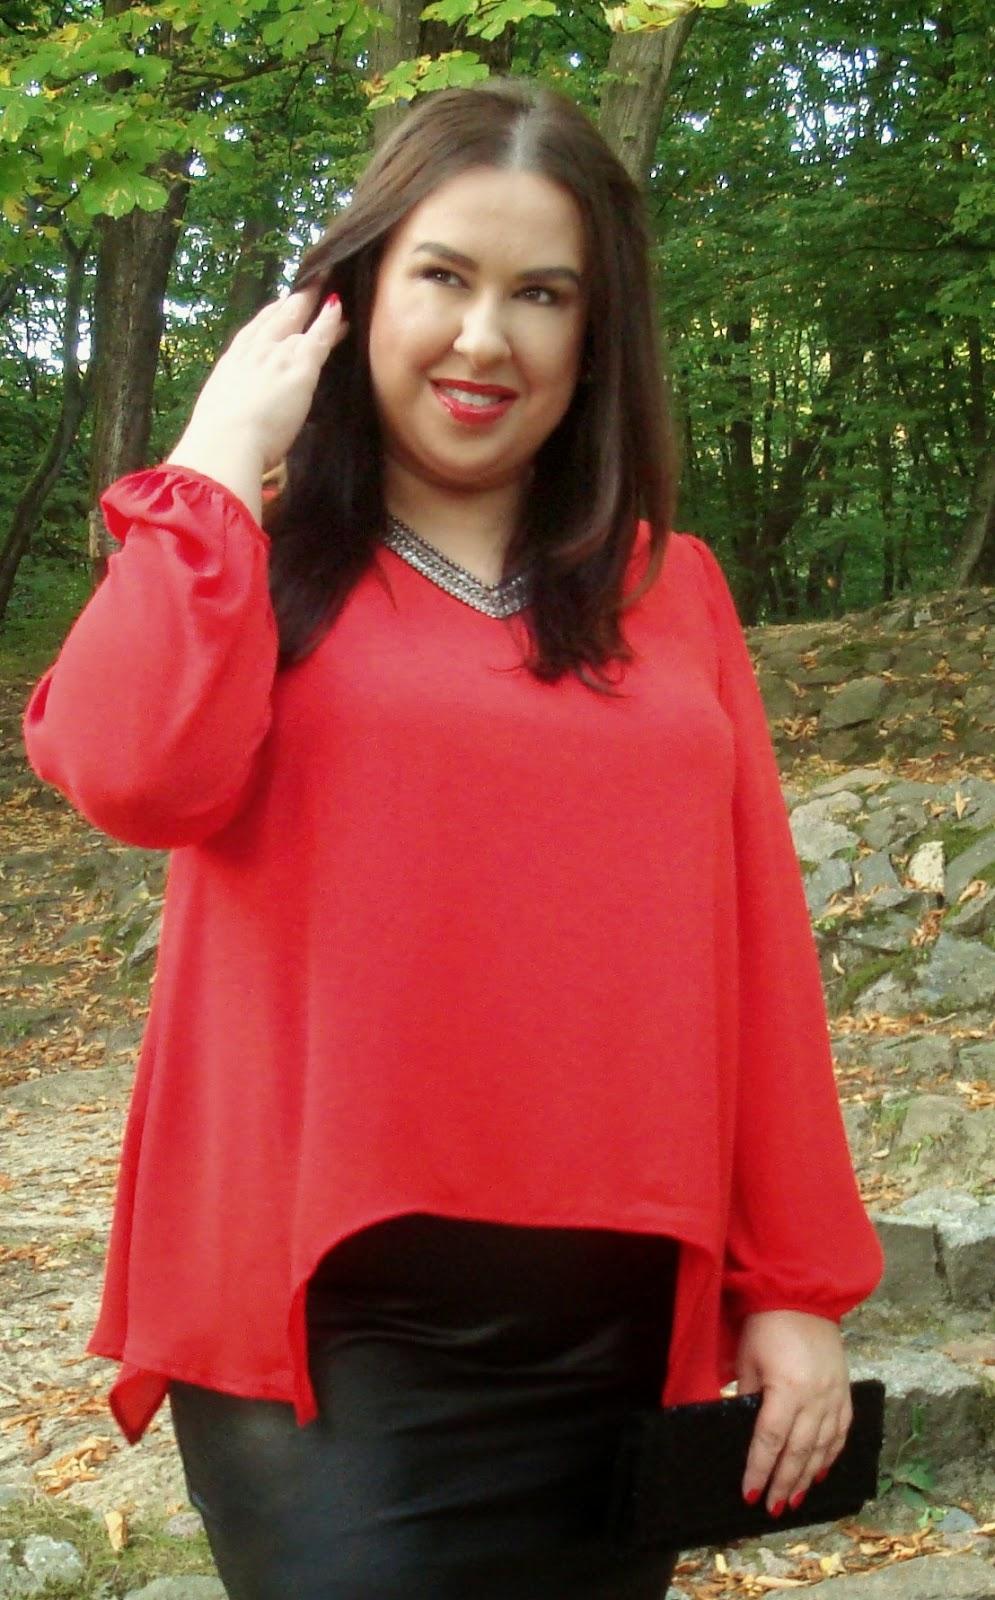 bluzka2a.jpg